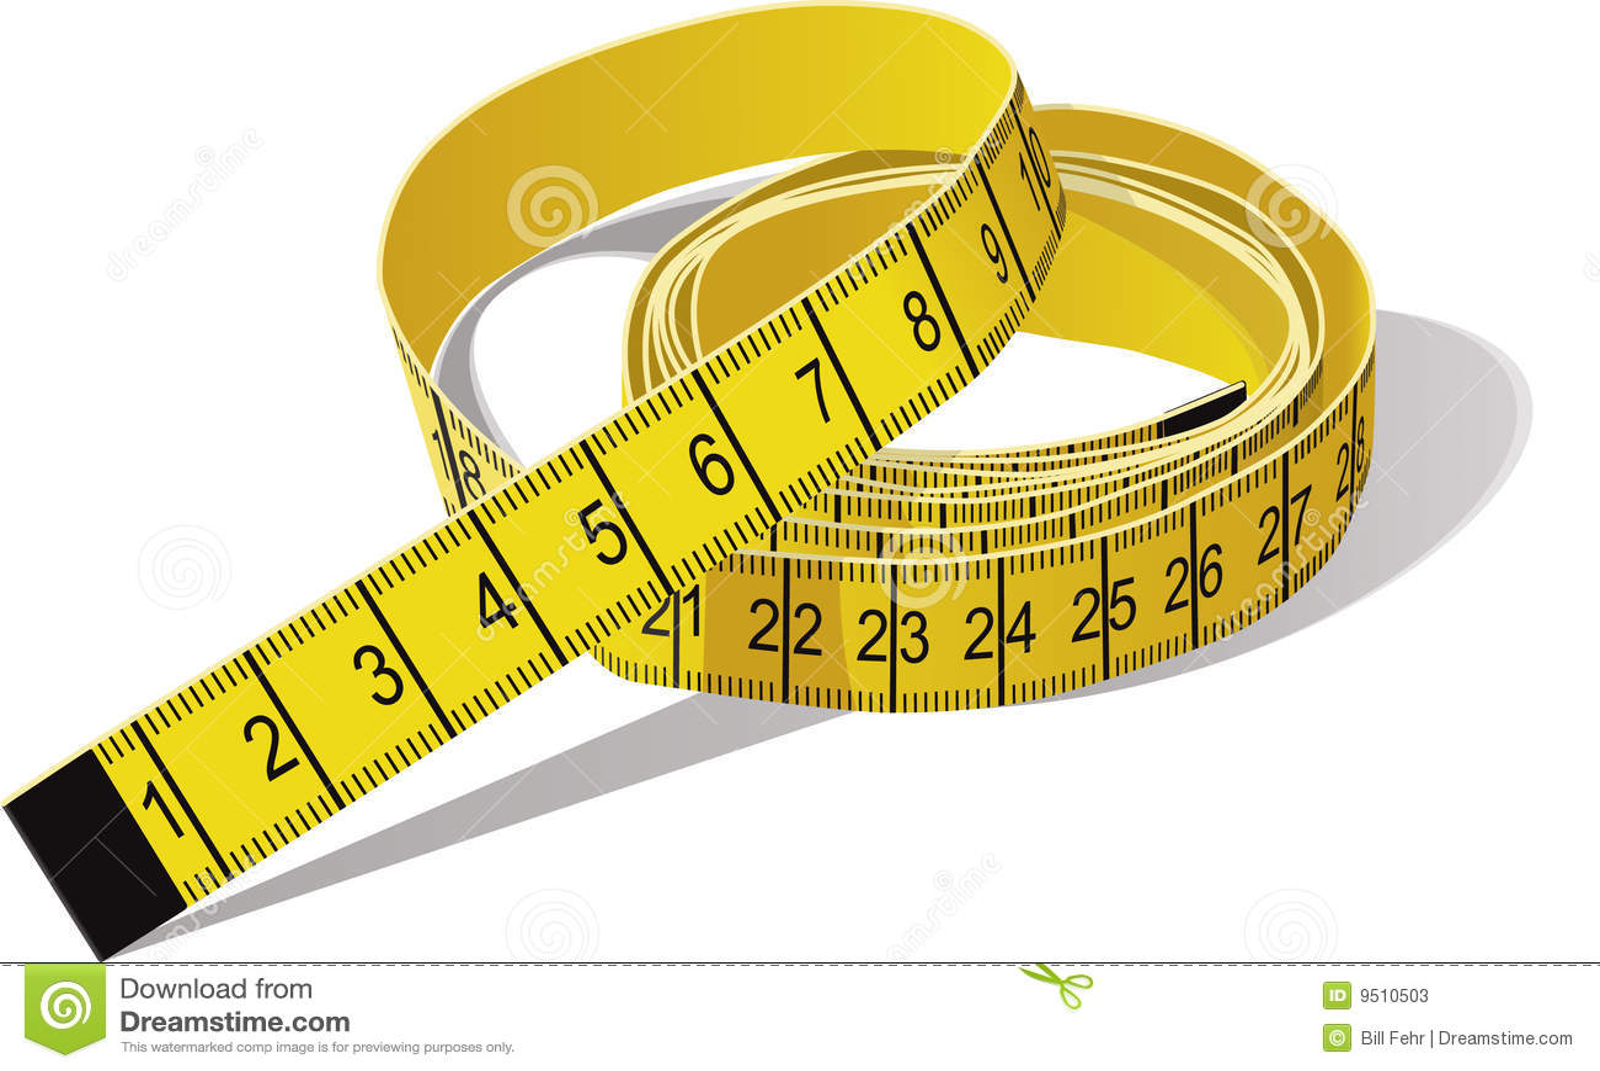 Tape Measure Stock Photos - Image: 9510503